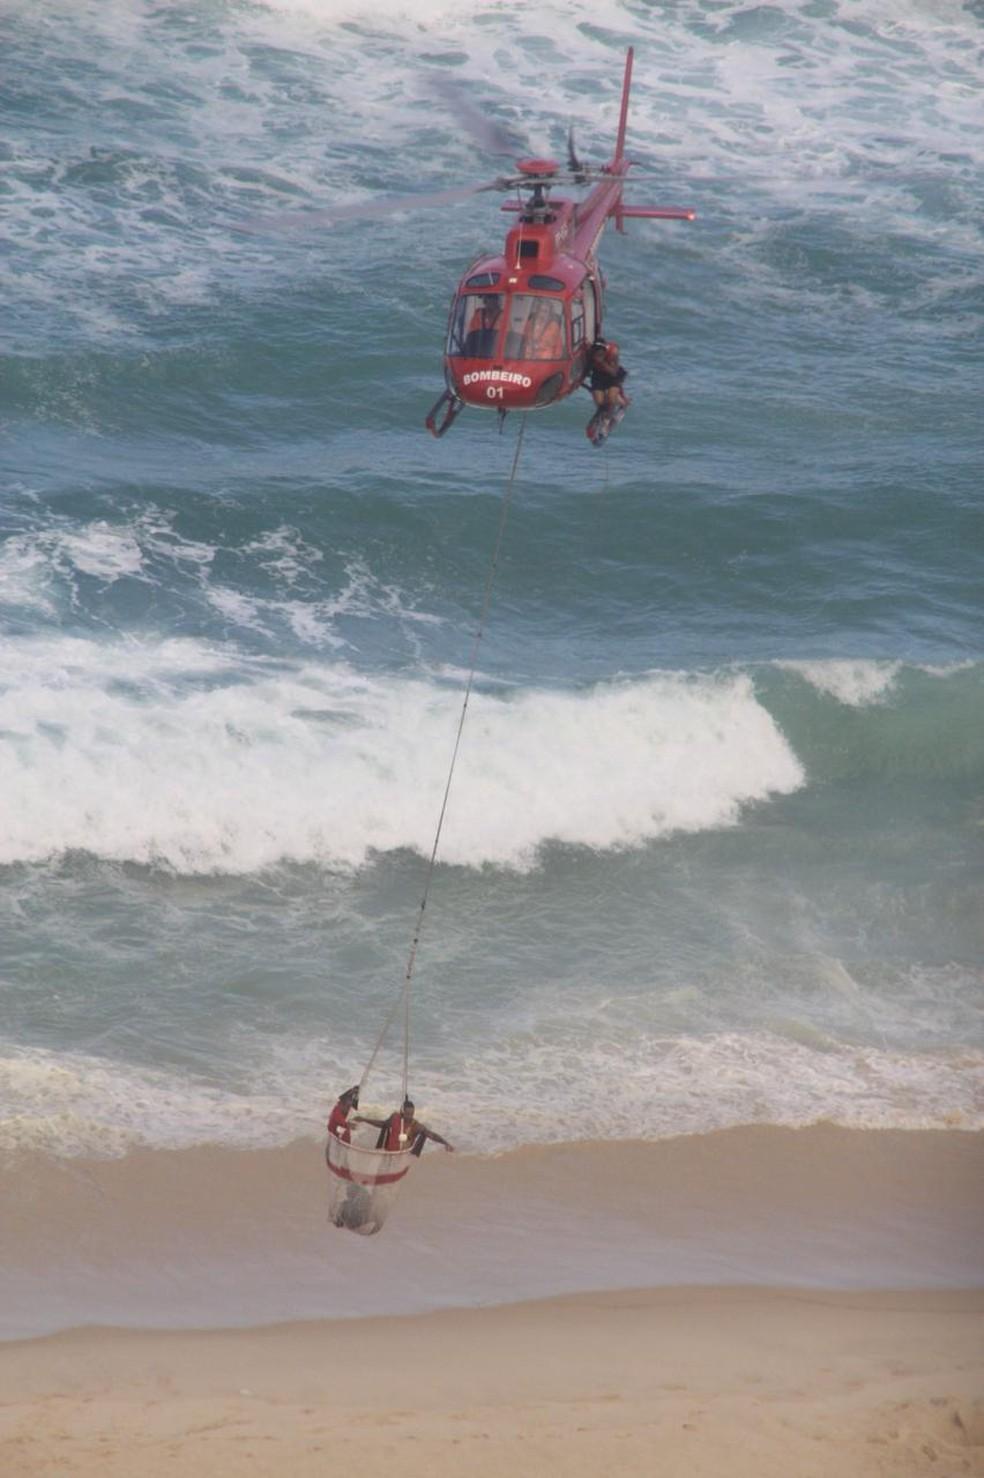 Bombeiros resgatam vítima de queda de helicóptero na Barra da Tijuca (Foto: Arquivo pessoal / Fabio Penna)